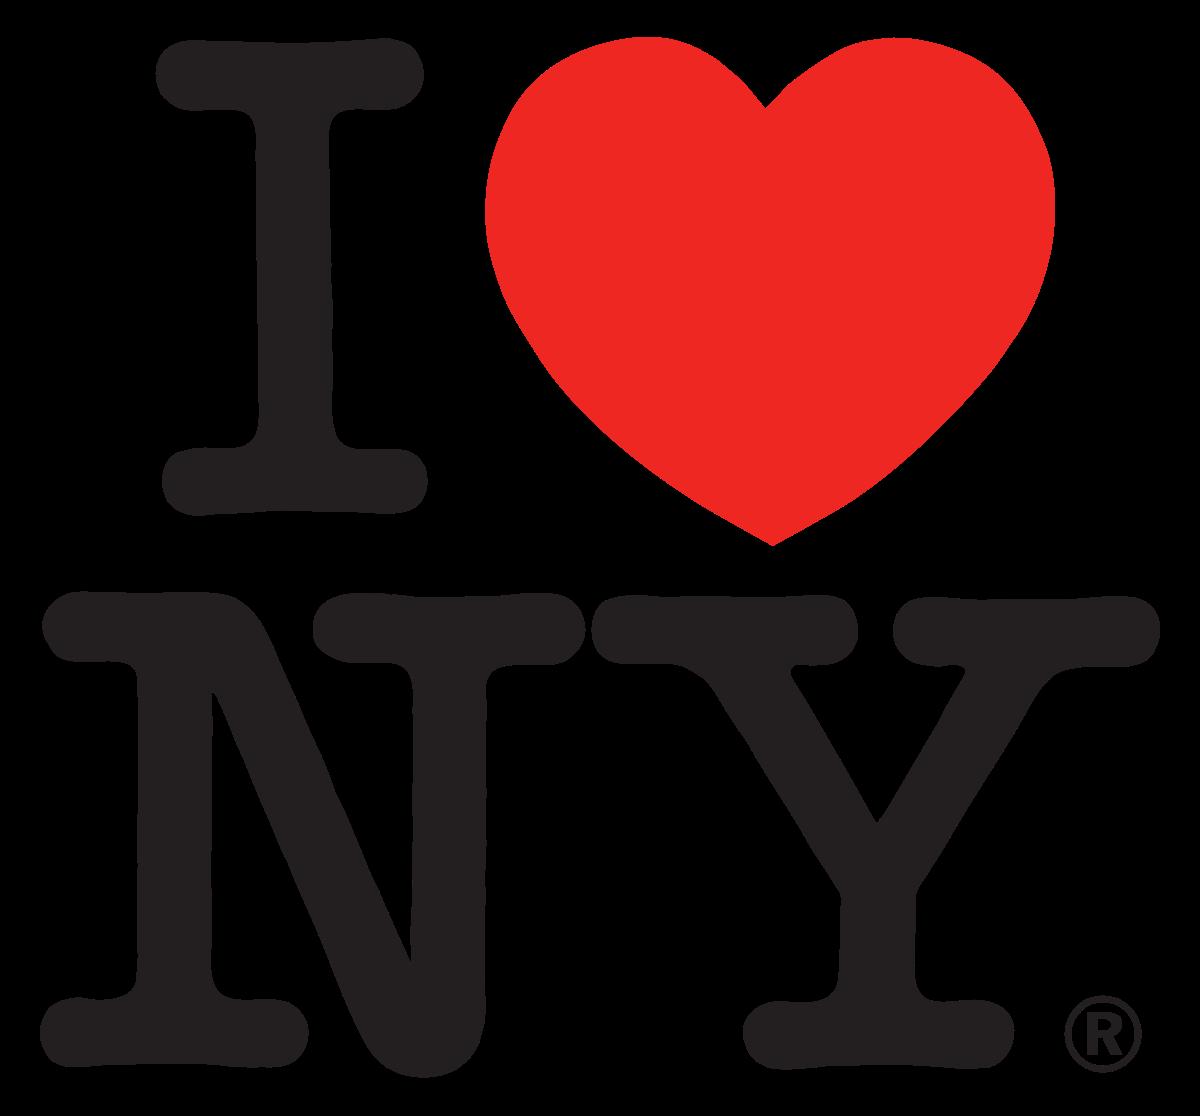 Milton's iconic I Heart NY logo design